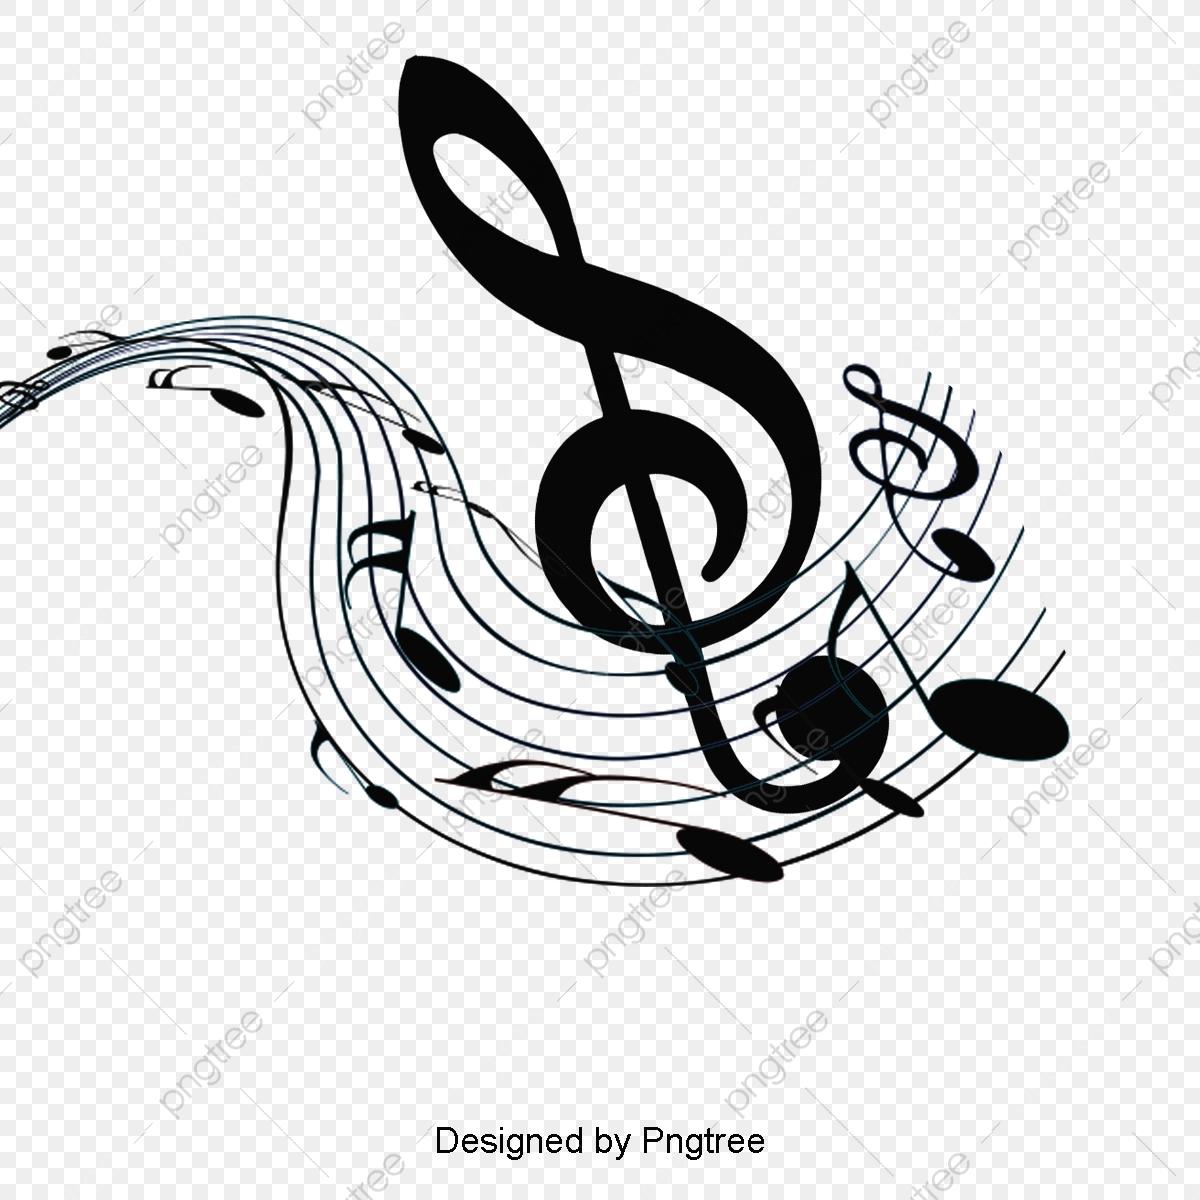 Black Music Symbol Design, Musical Note, Music, Symbol.